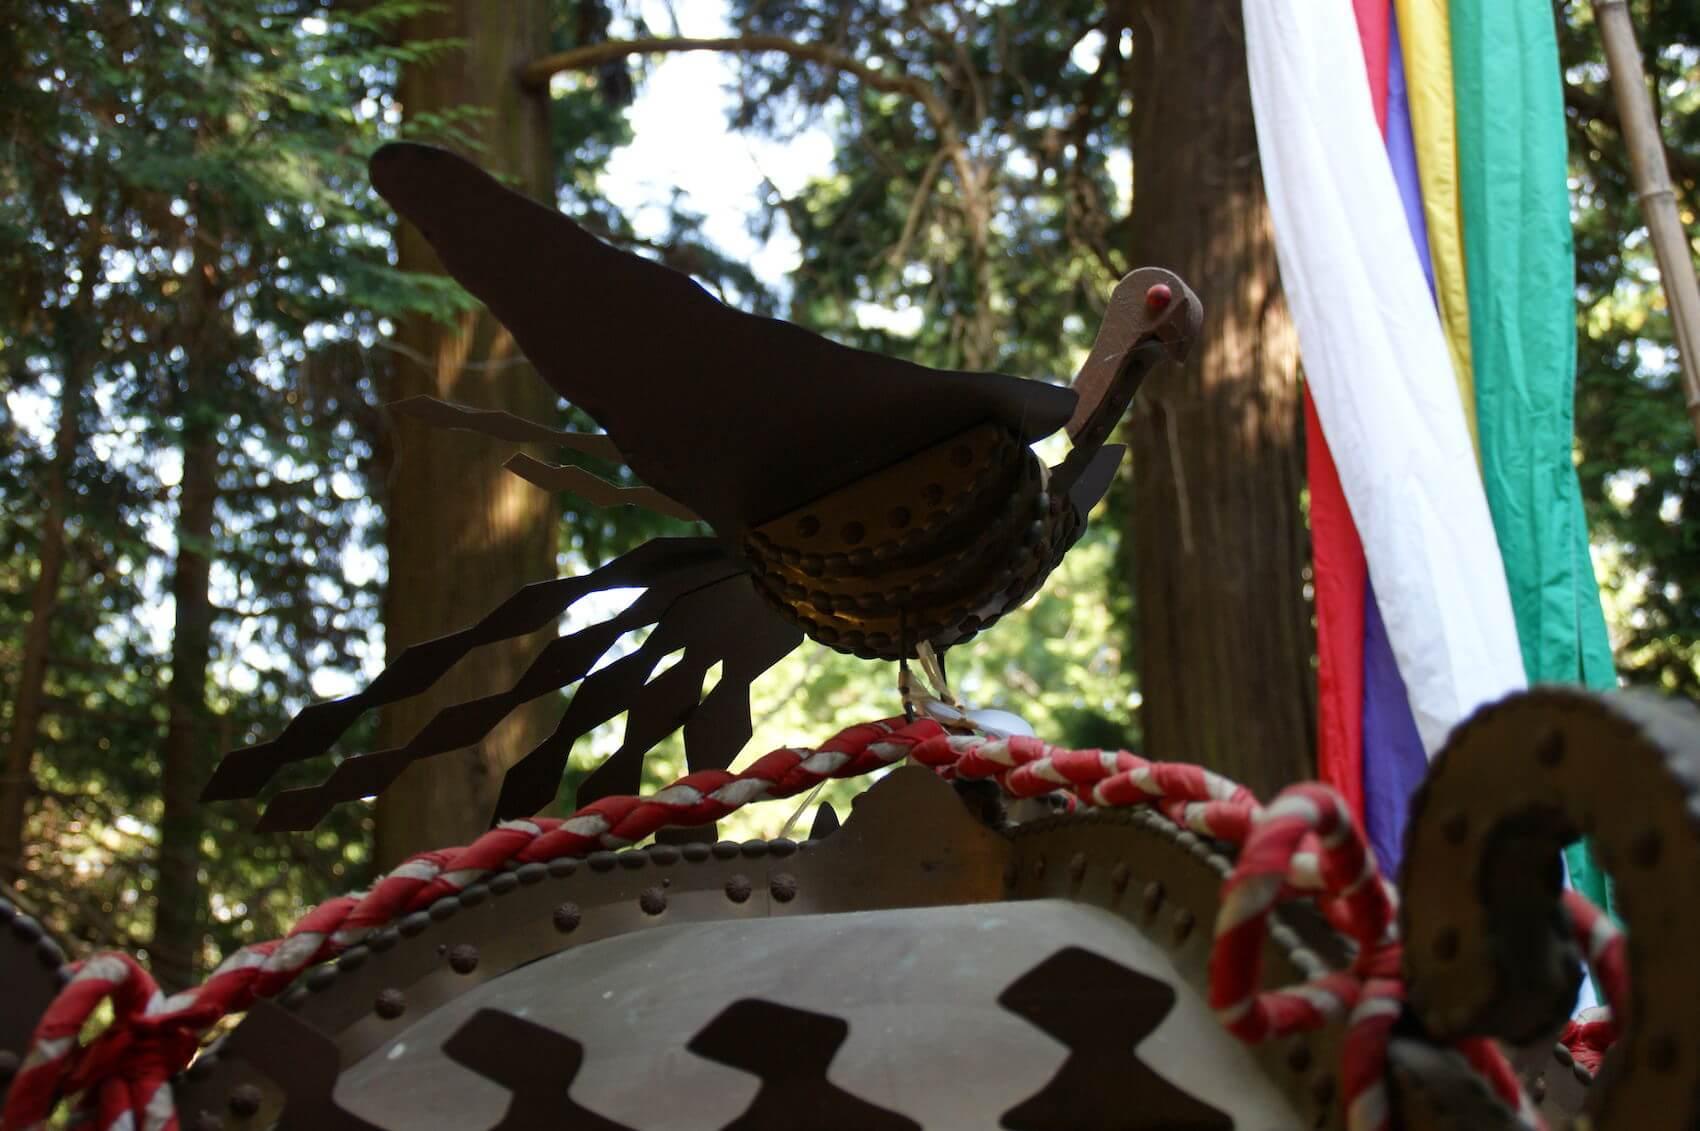 鳥を模した飾りやモニュメント